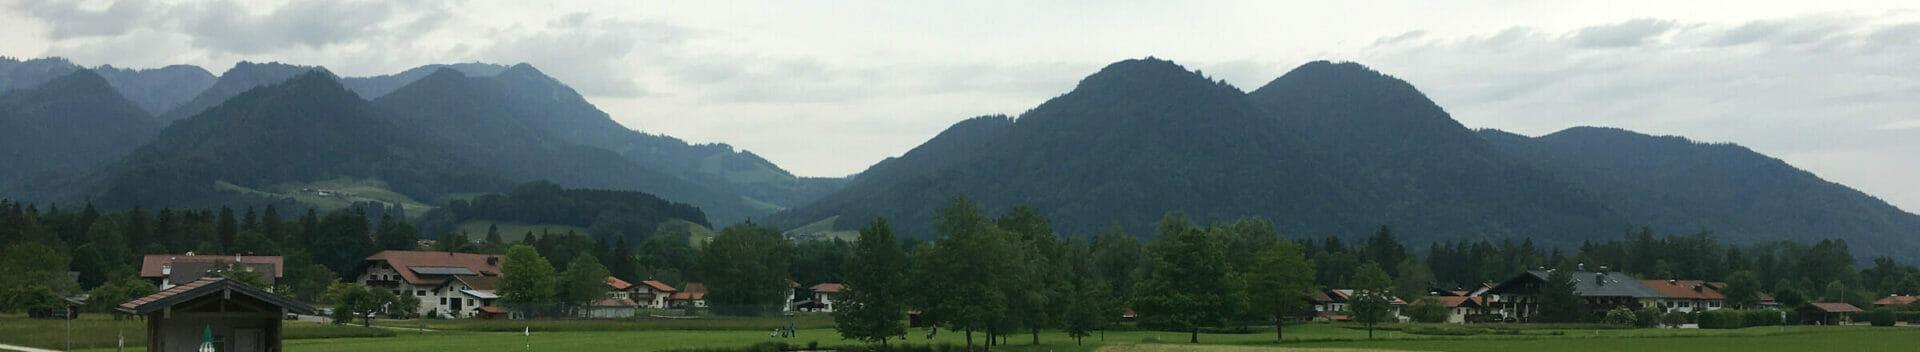 Ruhpolding am Mozartradweg - wunderschöne Aussicht auf die Berge (vom Golfplatz aus).